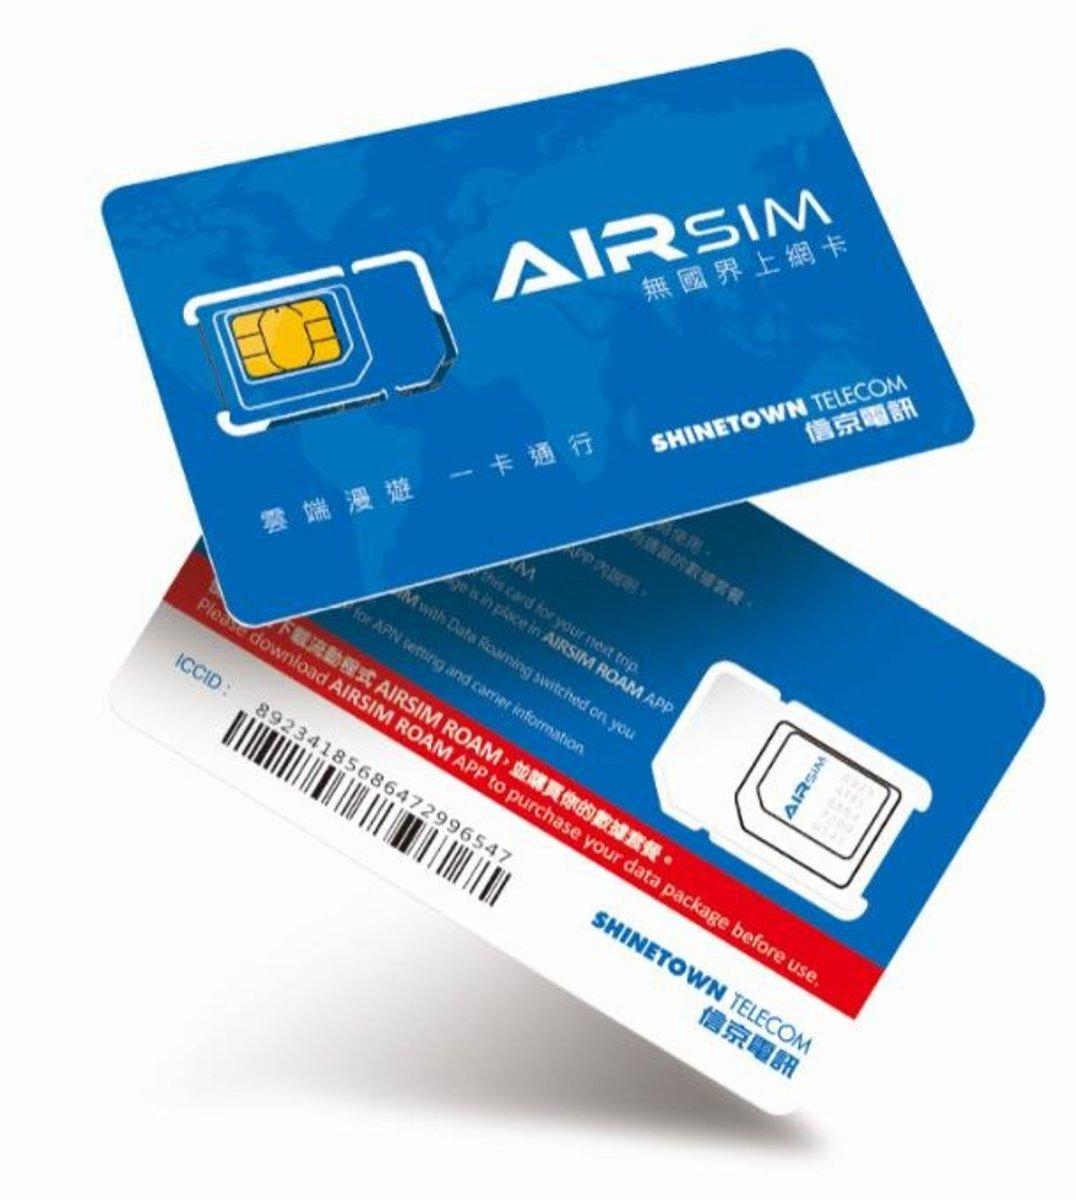 無國界上網卡 - 覆蓋全球130+地區可循環使用(面值HK$100)